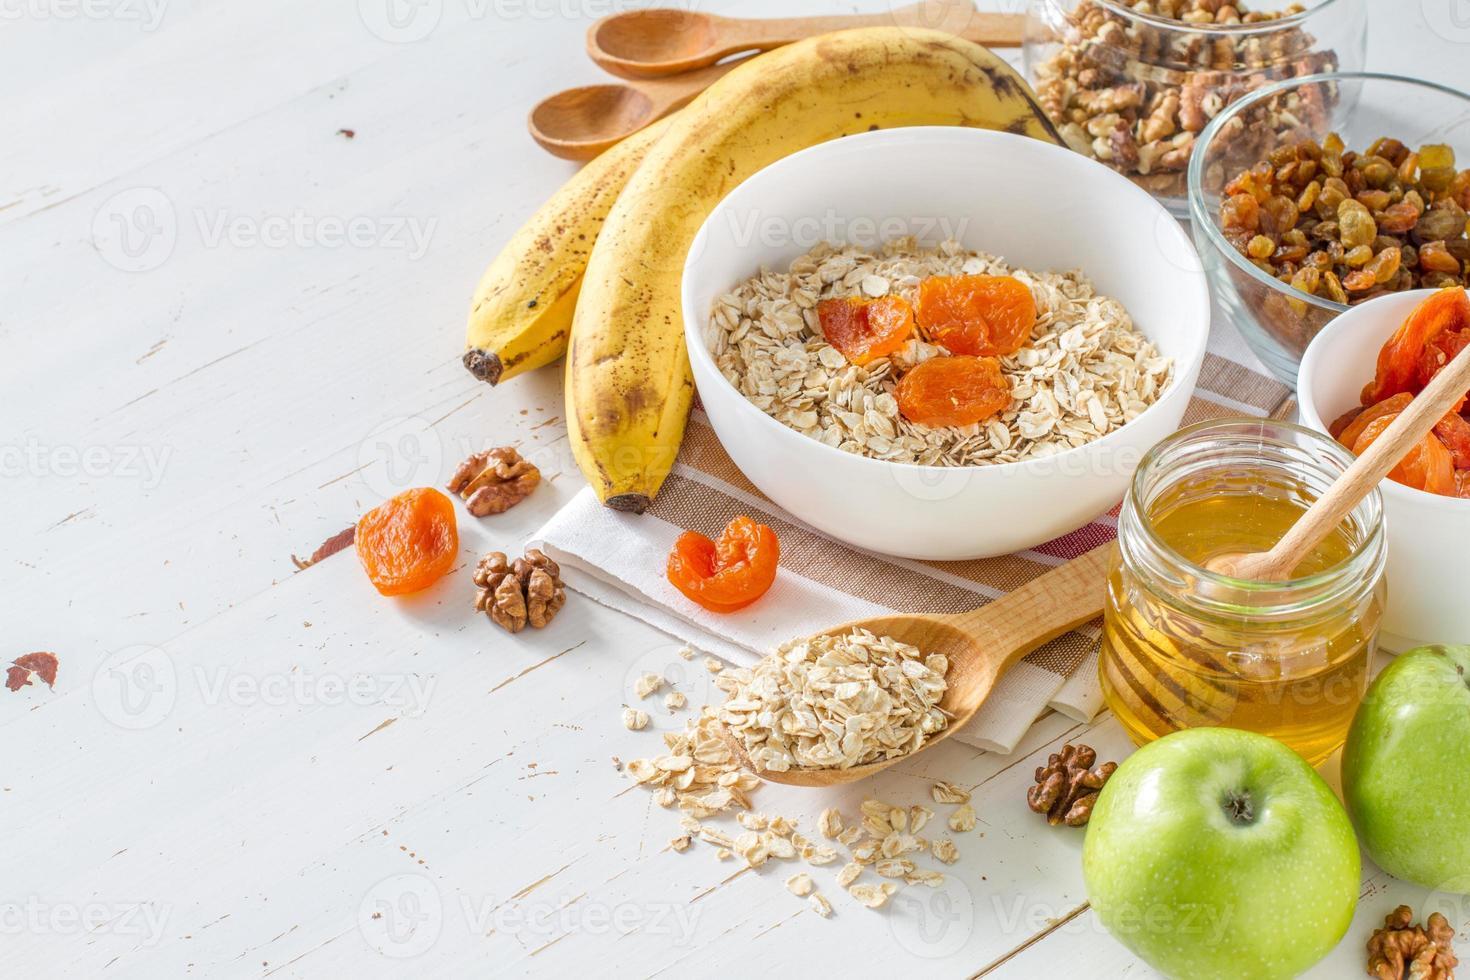 ingredientes de granola - aveia, banana, mel, nozes, maçã, damasco seco foto